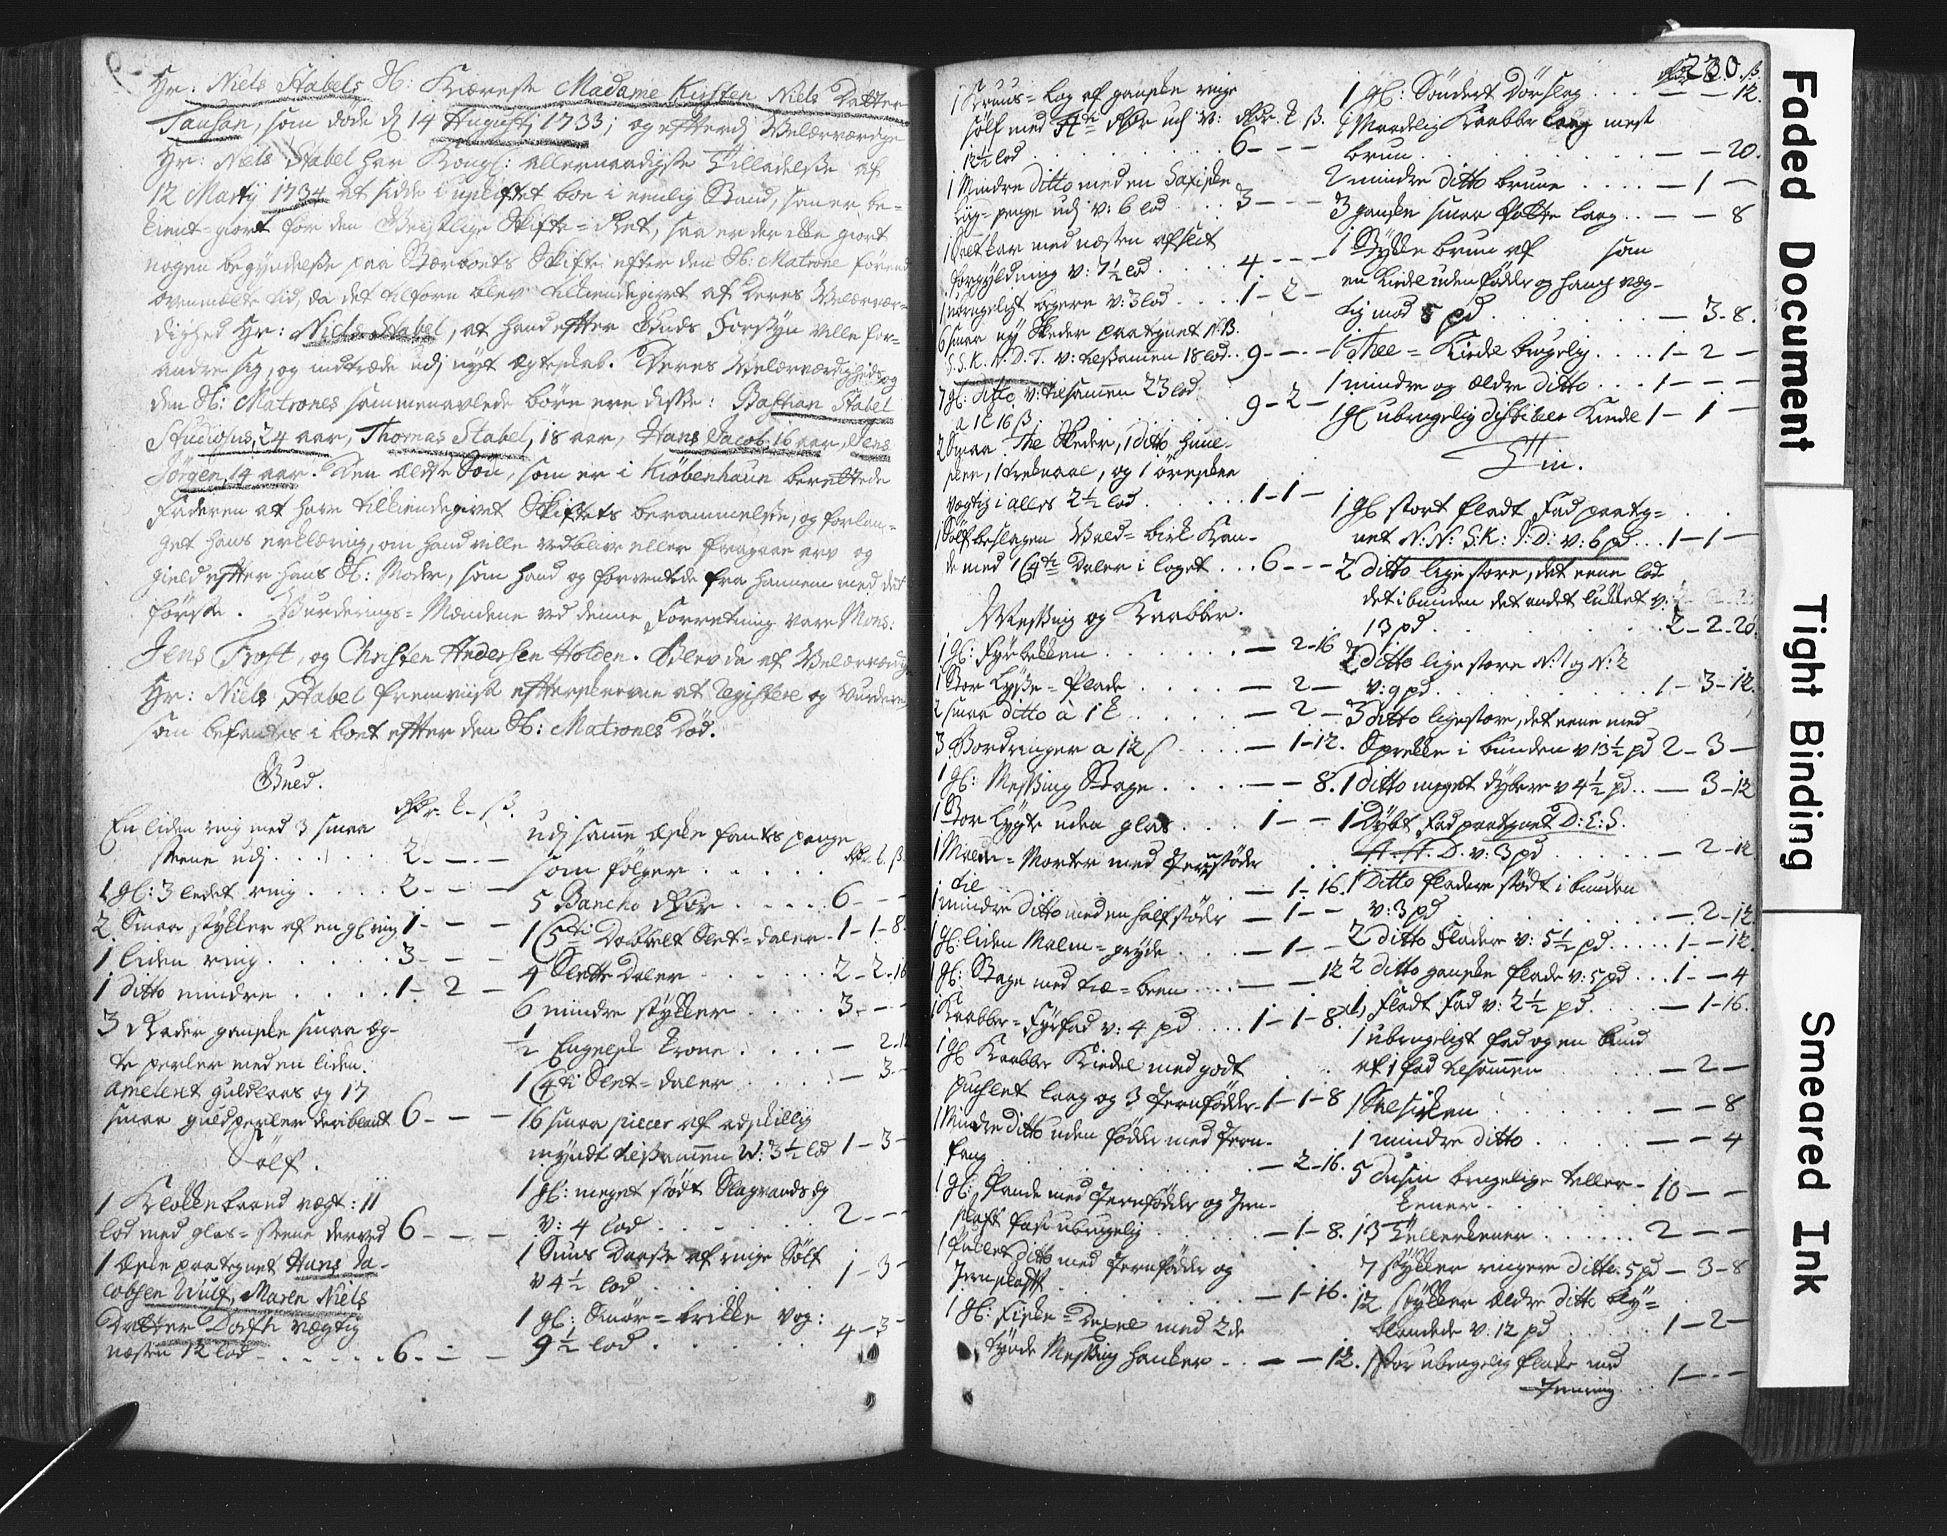 SAKO, Nedre Telemark og Bamble prosti, O/Ob/L0002: Skifteprotokoll, 1716-1759, s. 230